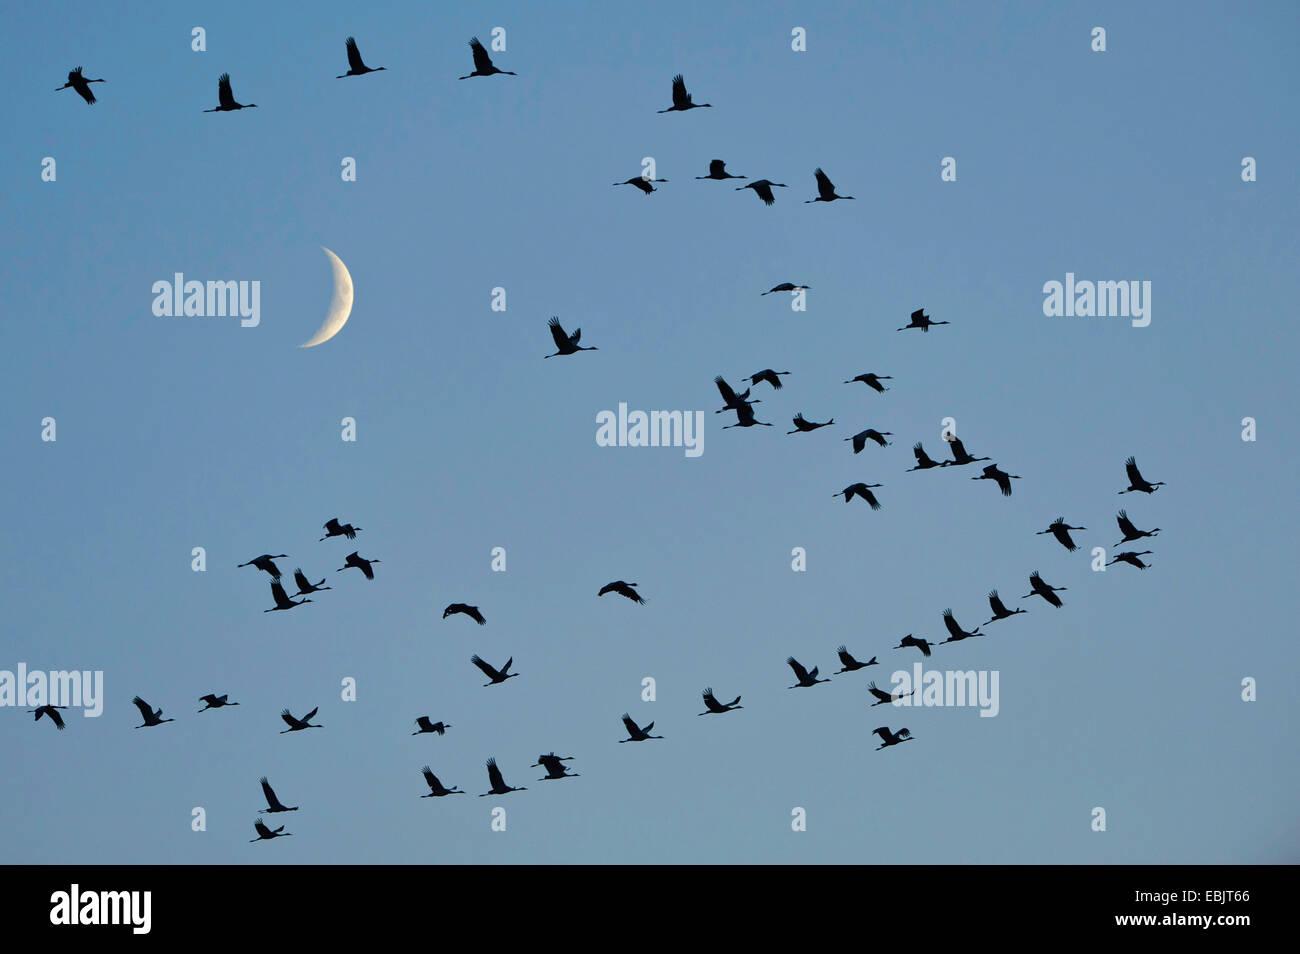 Grulla común euroasiático, grulla (Grus grus), la migración de las aves delante de la luna, en Alemania, en la Baja Sajonia Foto de stock